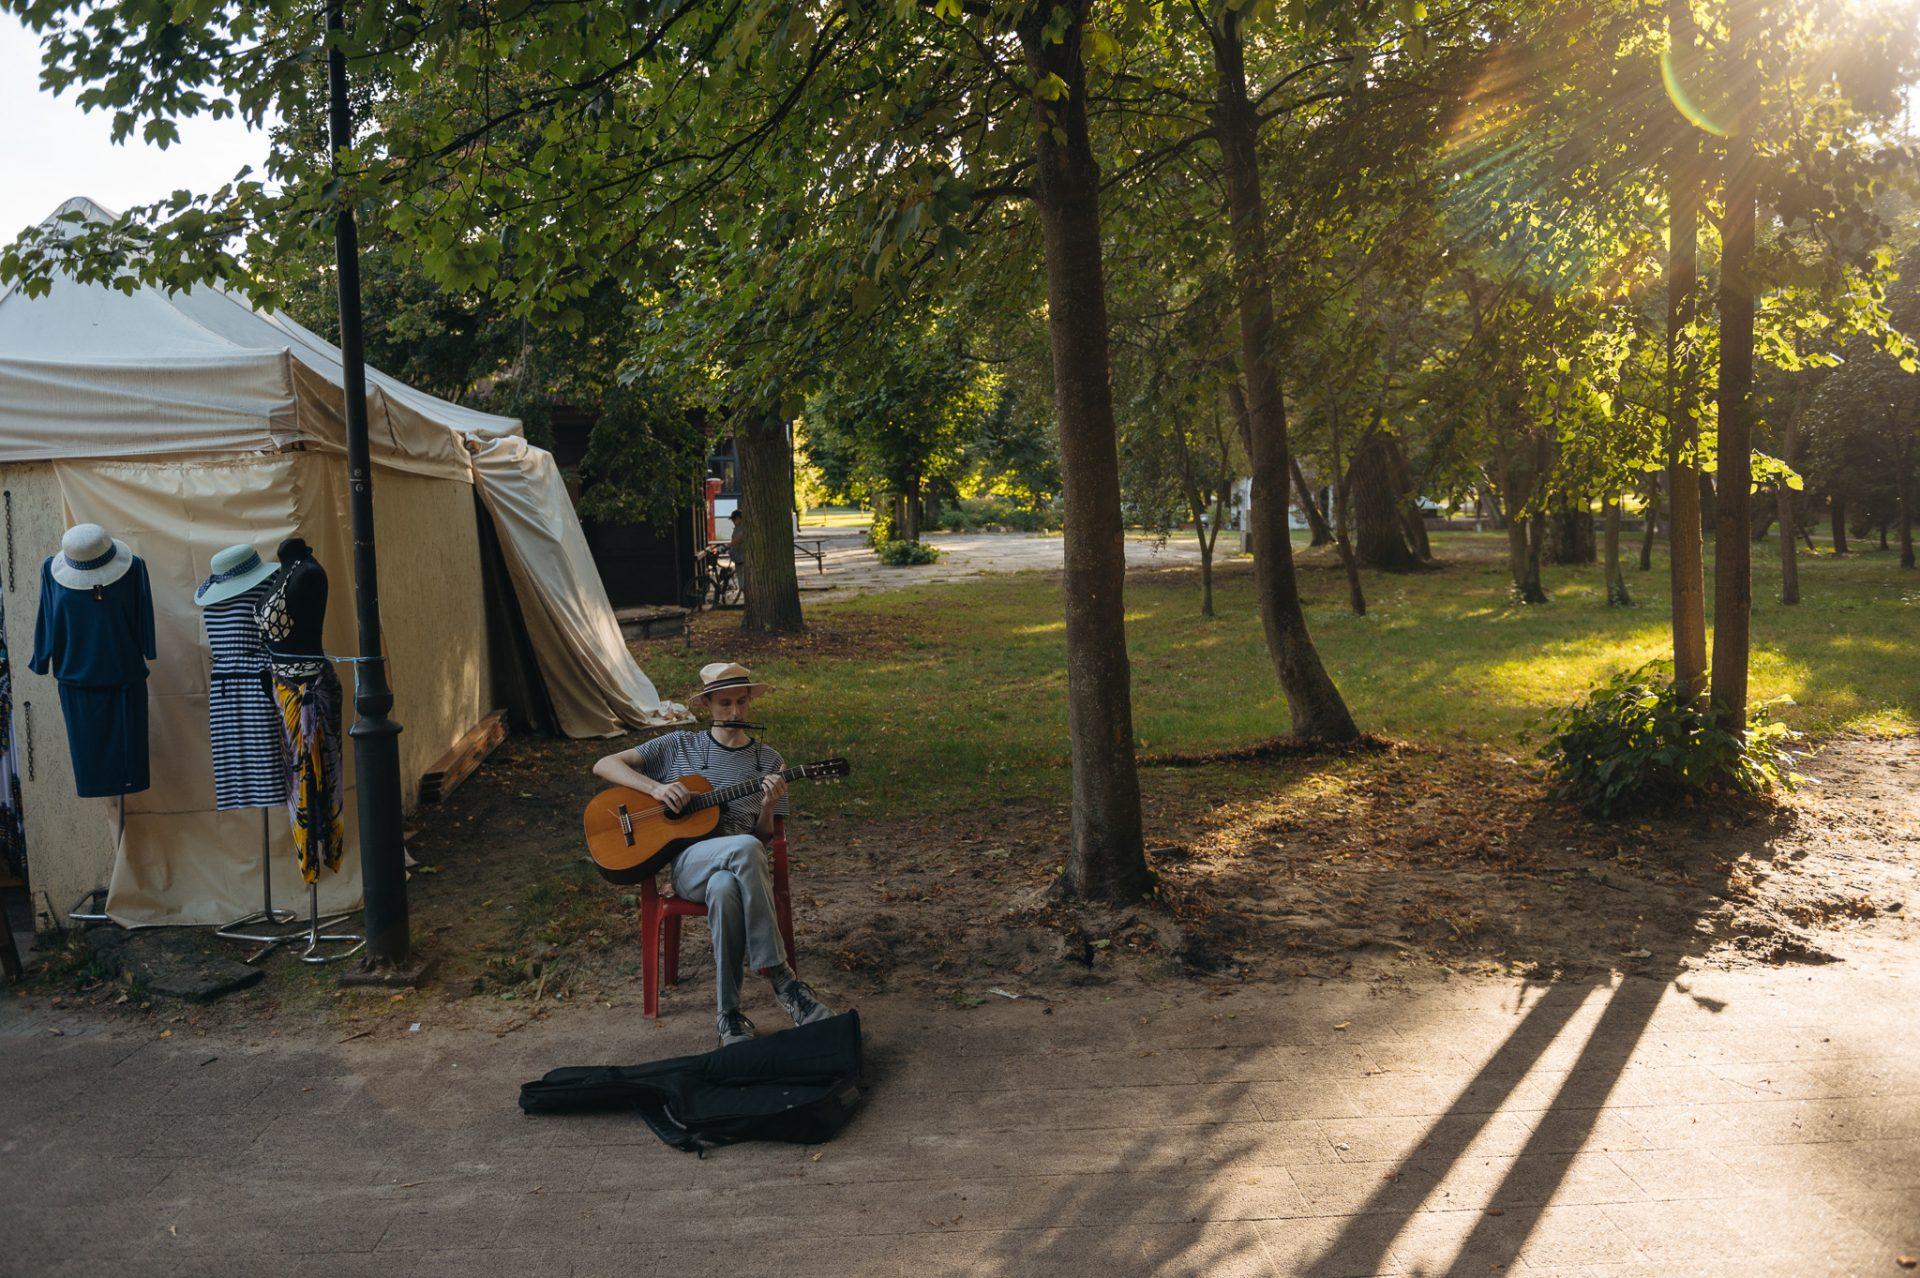 Młody mężczyzna w letnim kapeluszu siedzi na krześle w słonecznym parku i gra na gitarze oraz harmonijce, zbierając pieniądze do leżącego przed nim futerału gitary